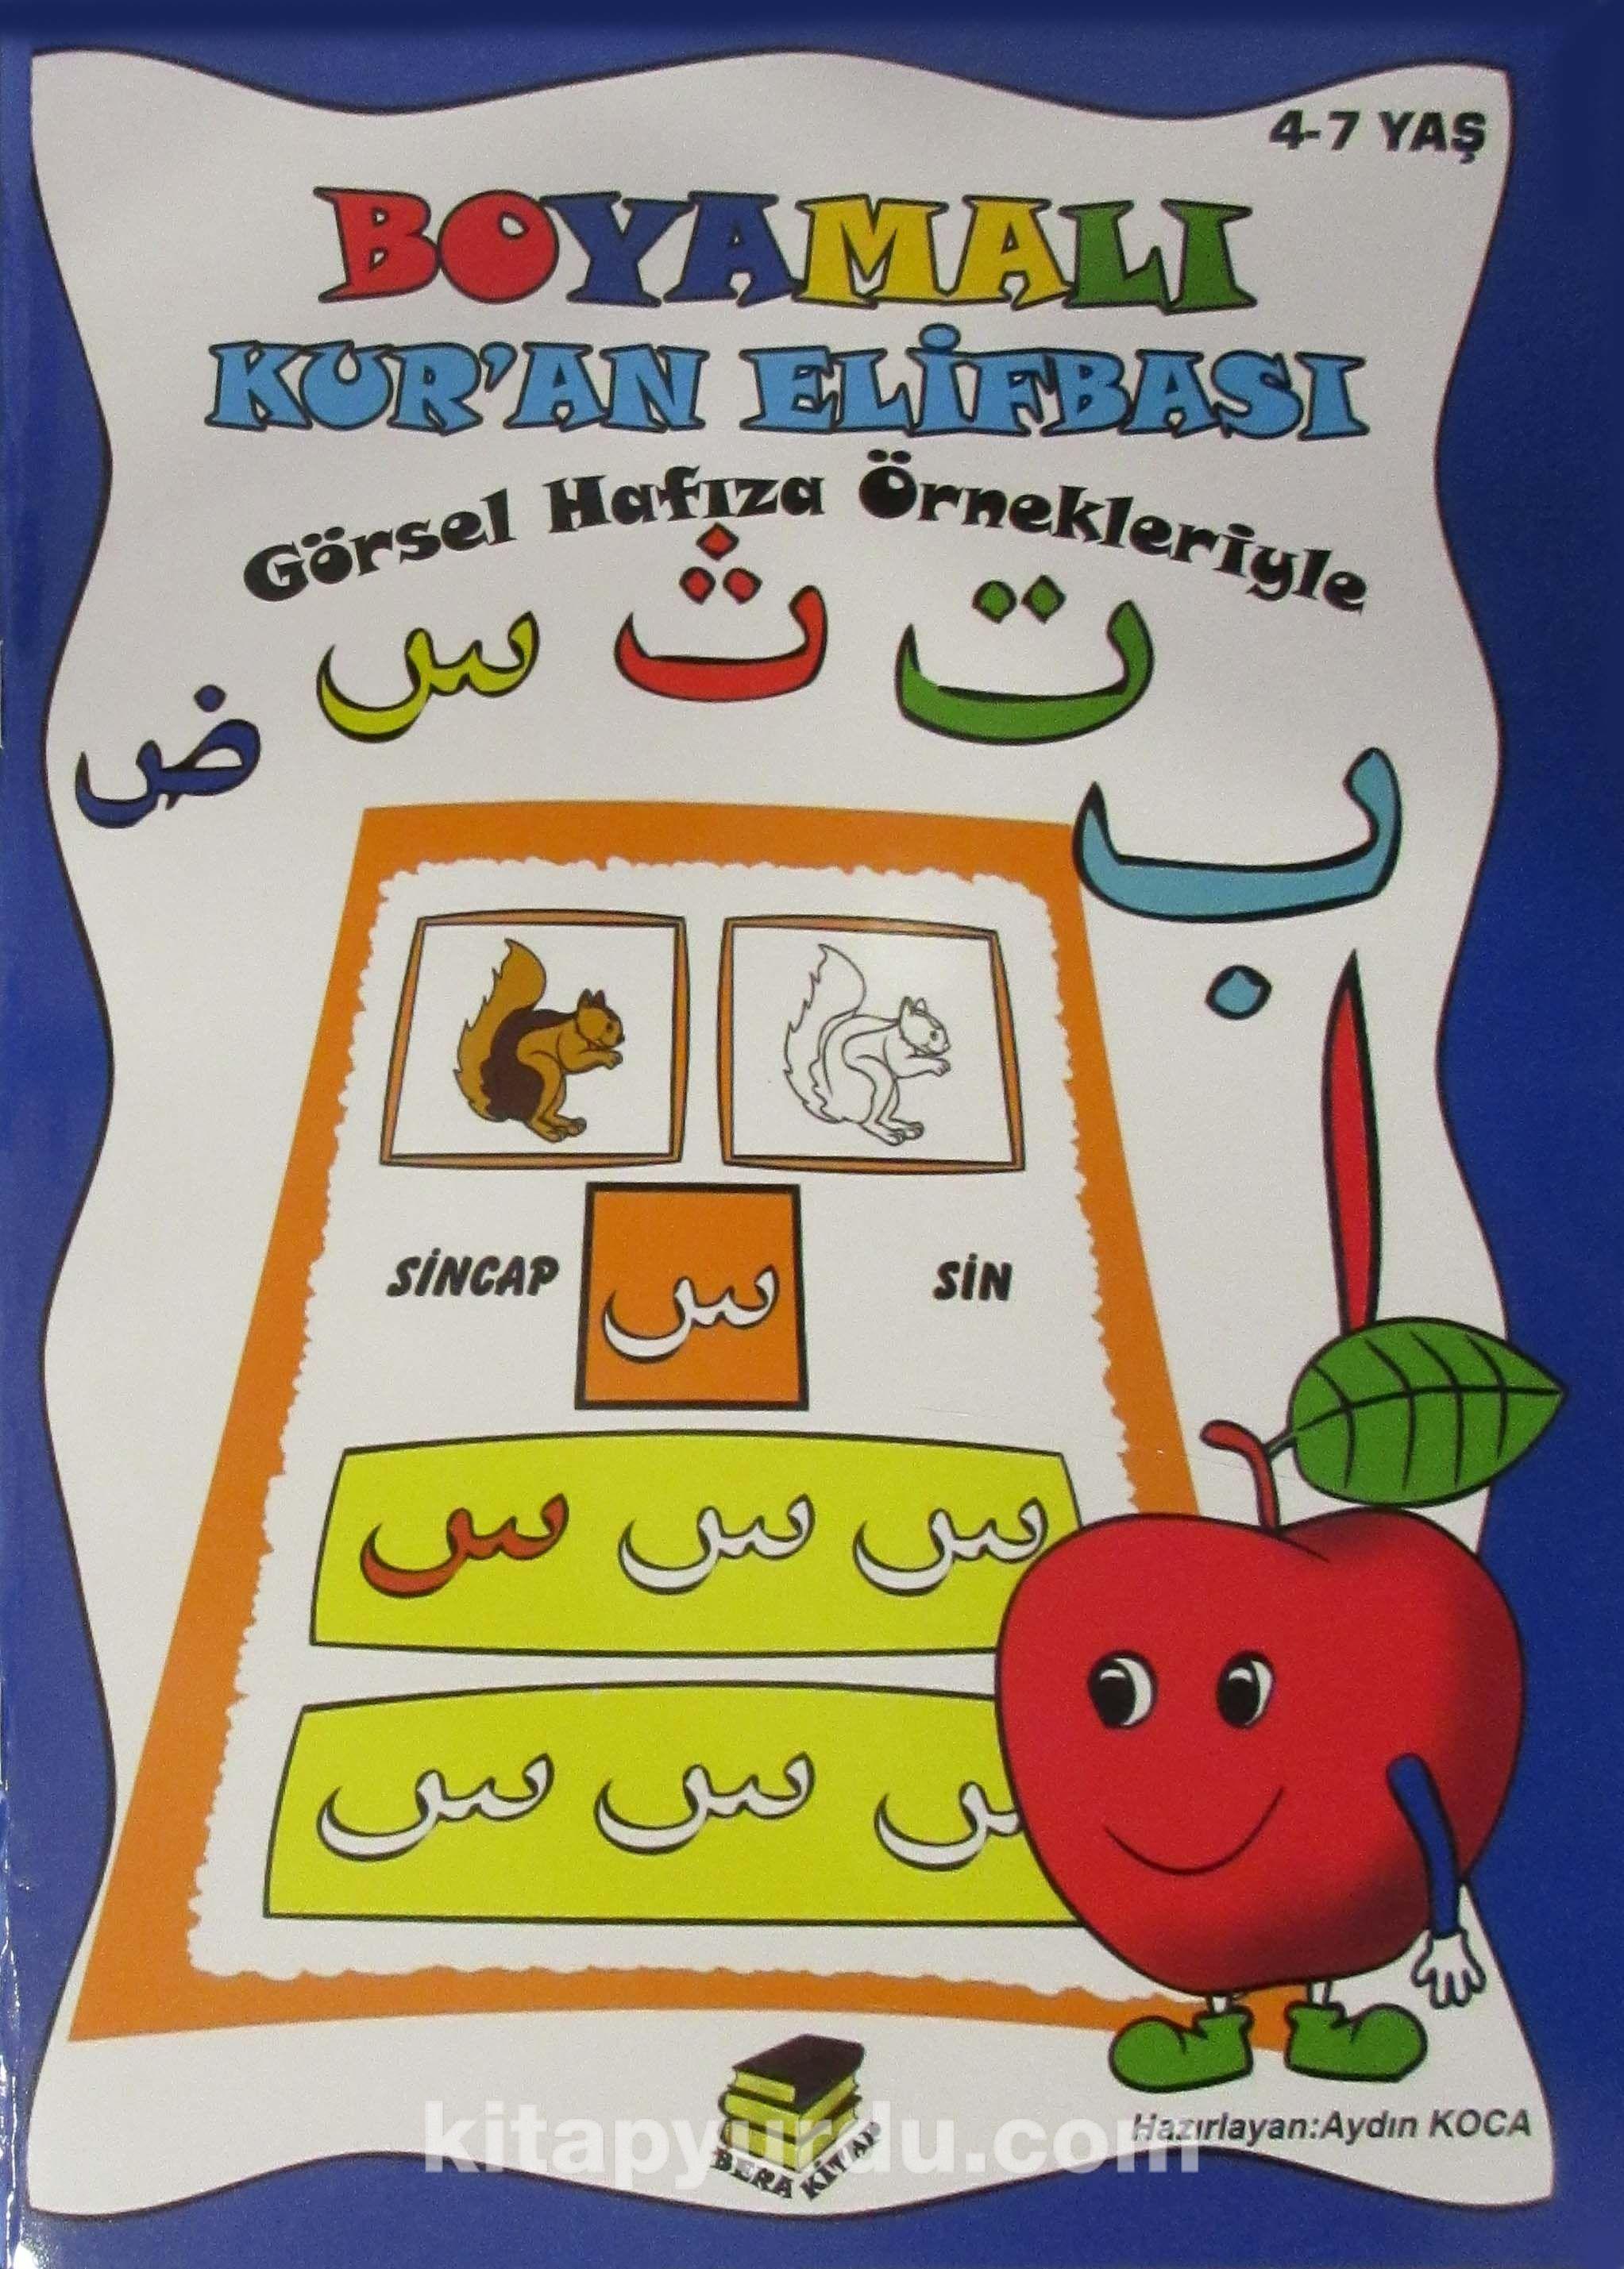 Boyamalı Kur'an Elifbası (Mavi)Görsel Hafıza Örnekleriyle